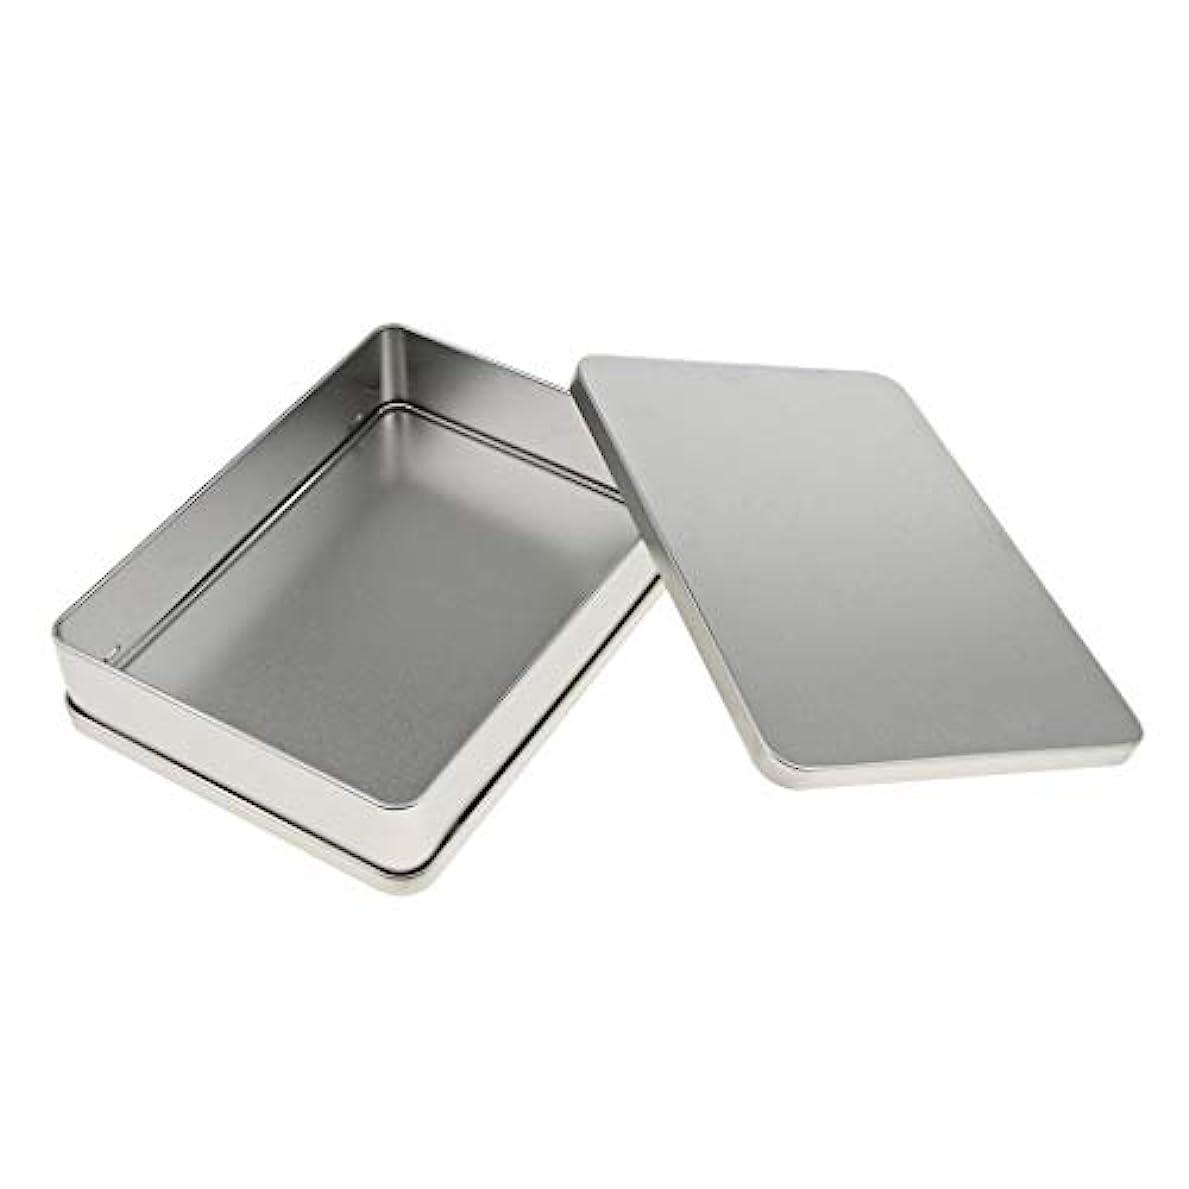 教科書プロトタイプ倒錯空缶 長方形 容器 収納 便利 2サイズ選べ - 18.8 x 13.8 x 3.8 cm